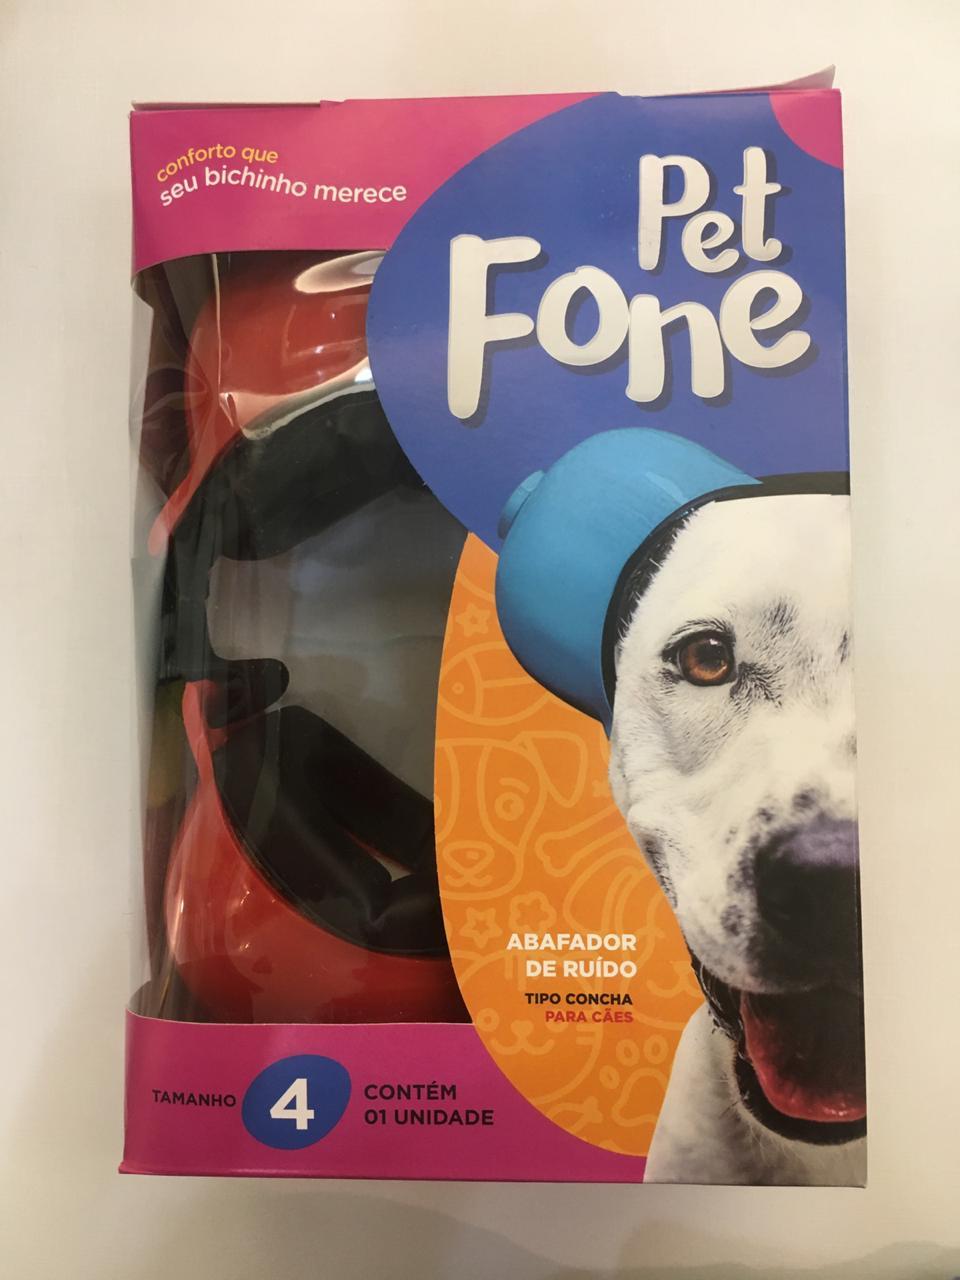 Fone De Ouvido Para Cachorro - Tamanho 4 rosa